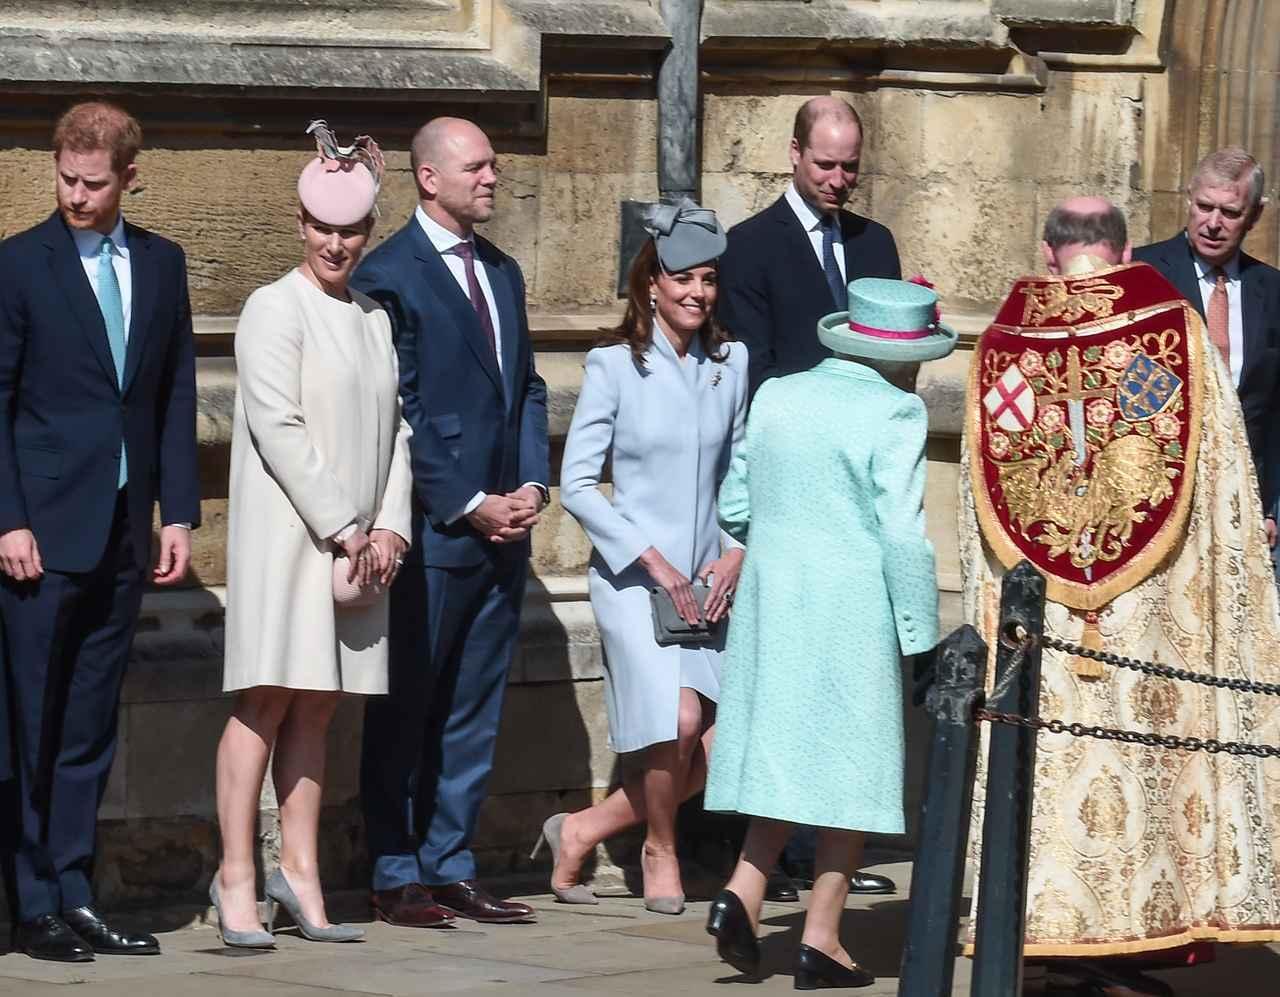 画像: キャサリン妃がエリザベス女王に対してカーテシーを行なうところも度々目撃されている。